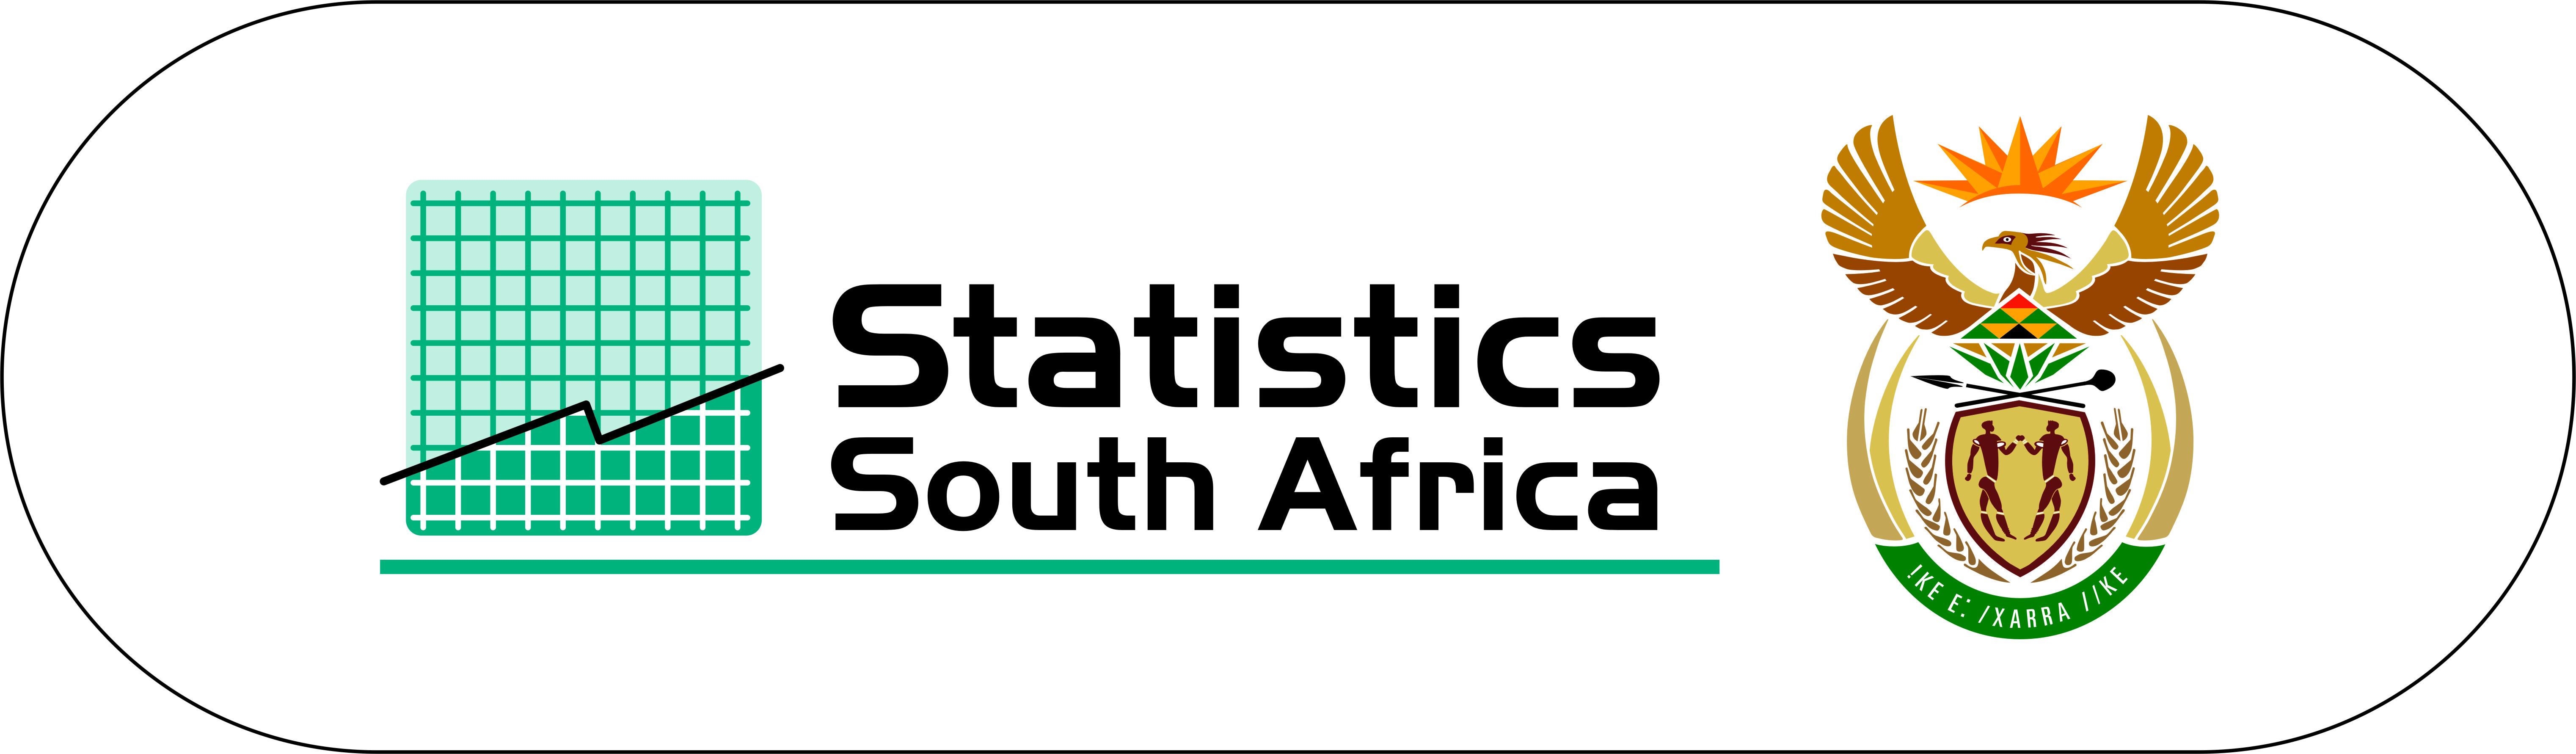 Stats_SA_logo_Hi-res_-_May_2012